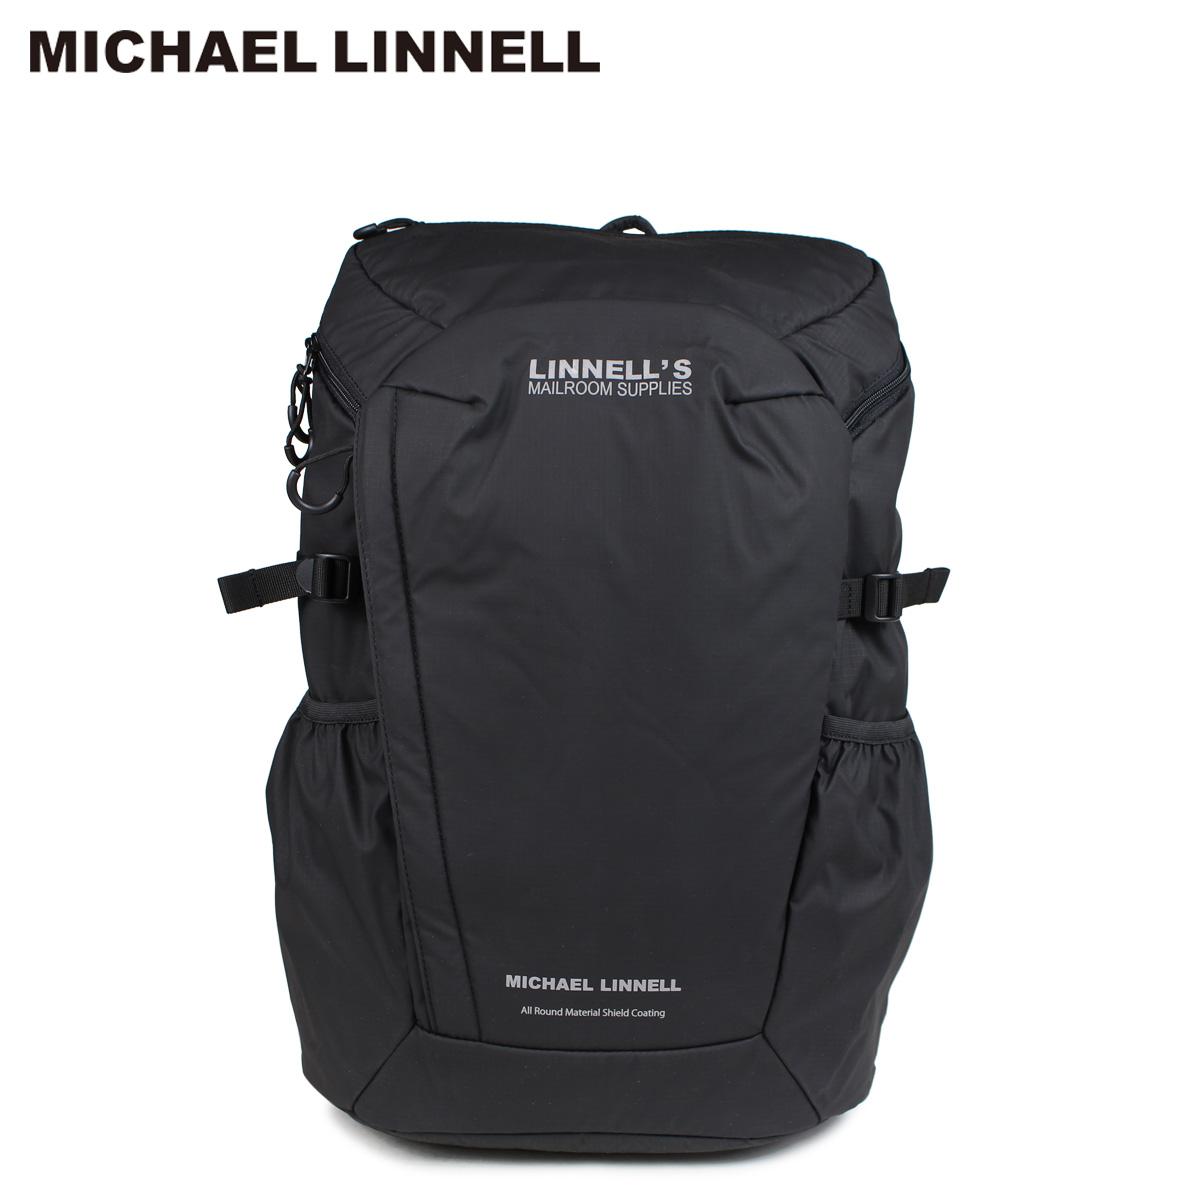 【最大1000円OFFクーポン配布】 MICHAEL LINNELL マイケルリンネル リュック バッグ 29L メンズ レディース バックパック BACKPACK ブラック MLAC-01 [10/22 新入荷]